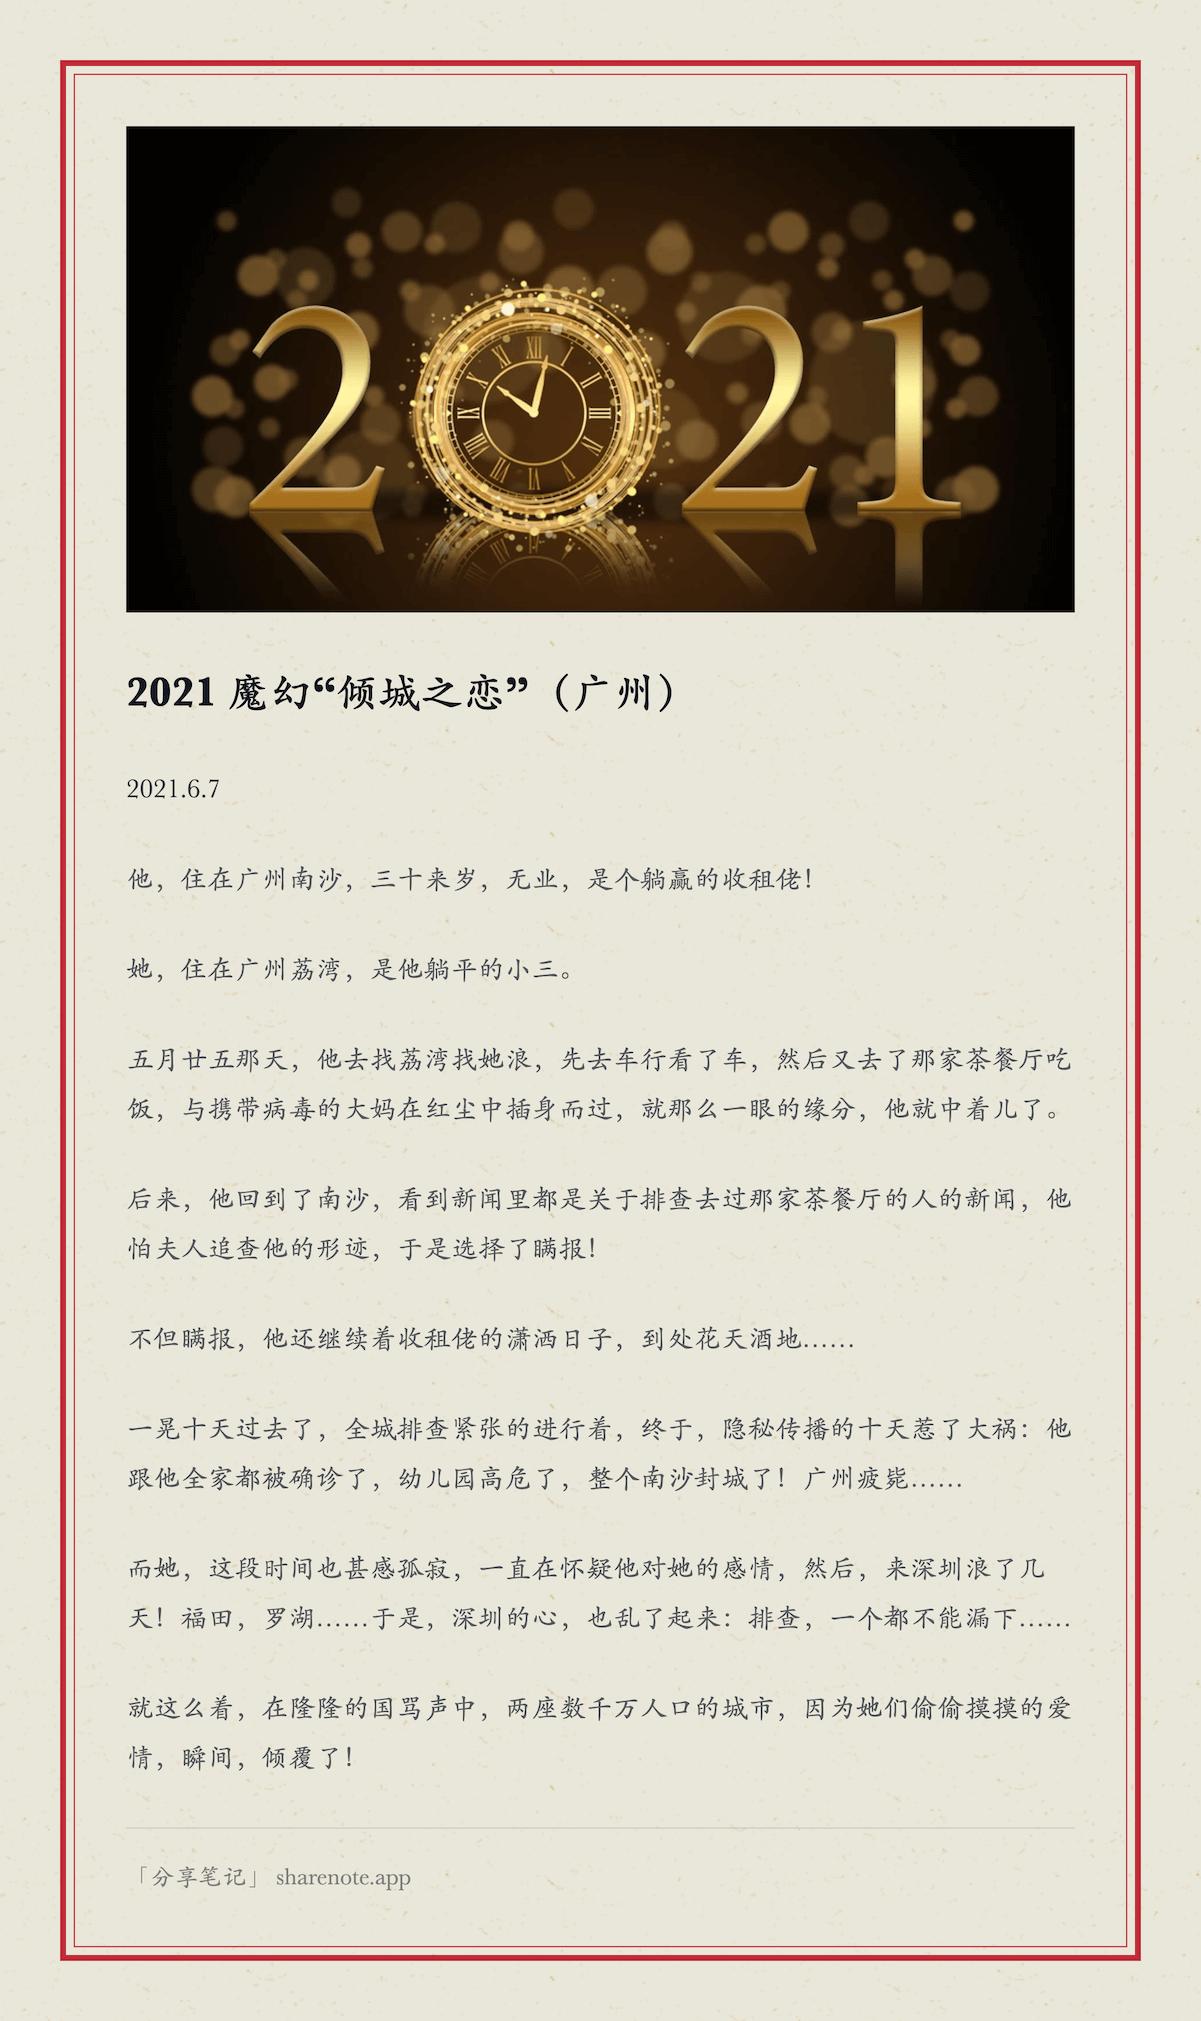 """2021 魔幻""""倾城之恋""""(广州)"""